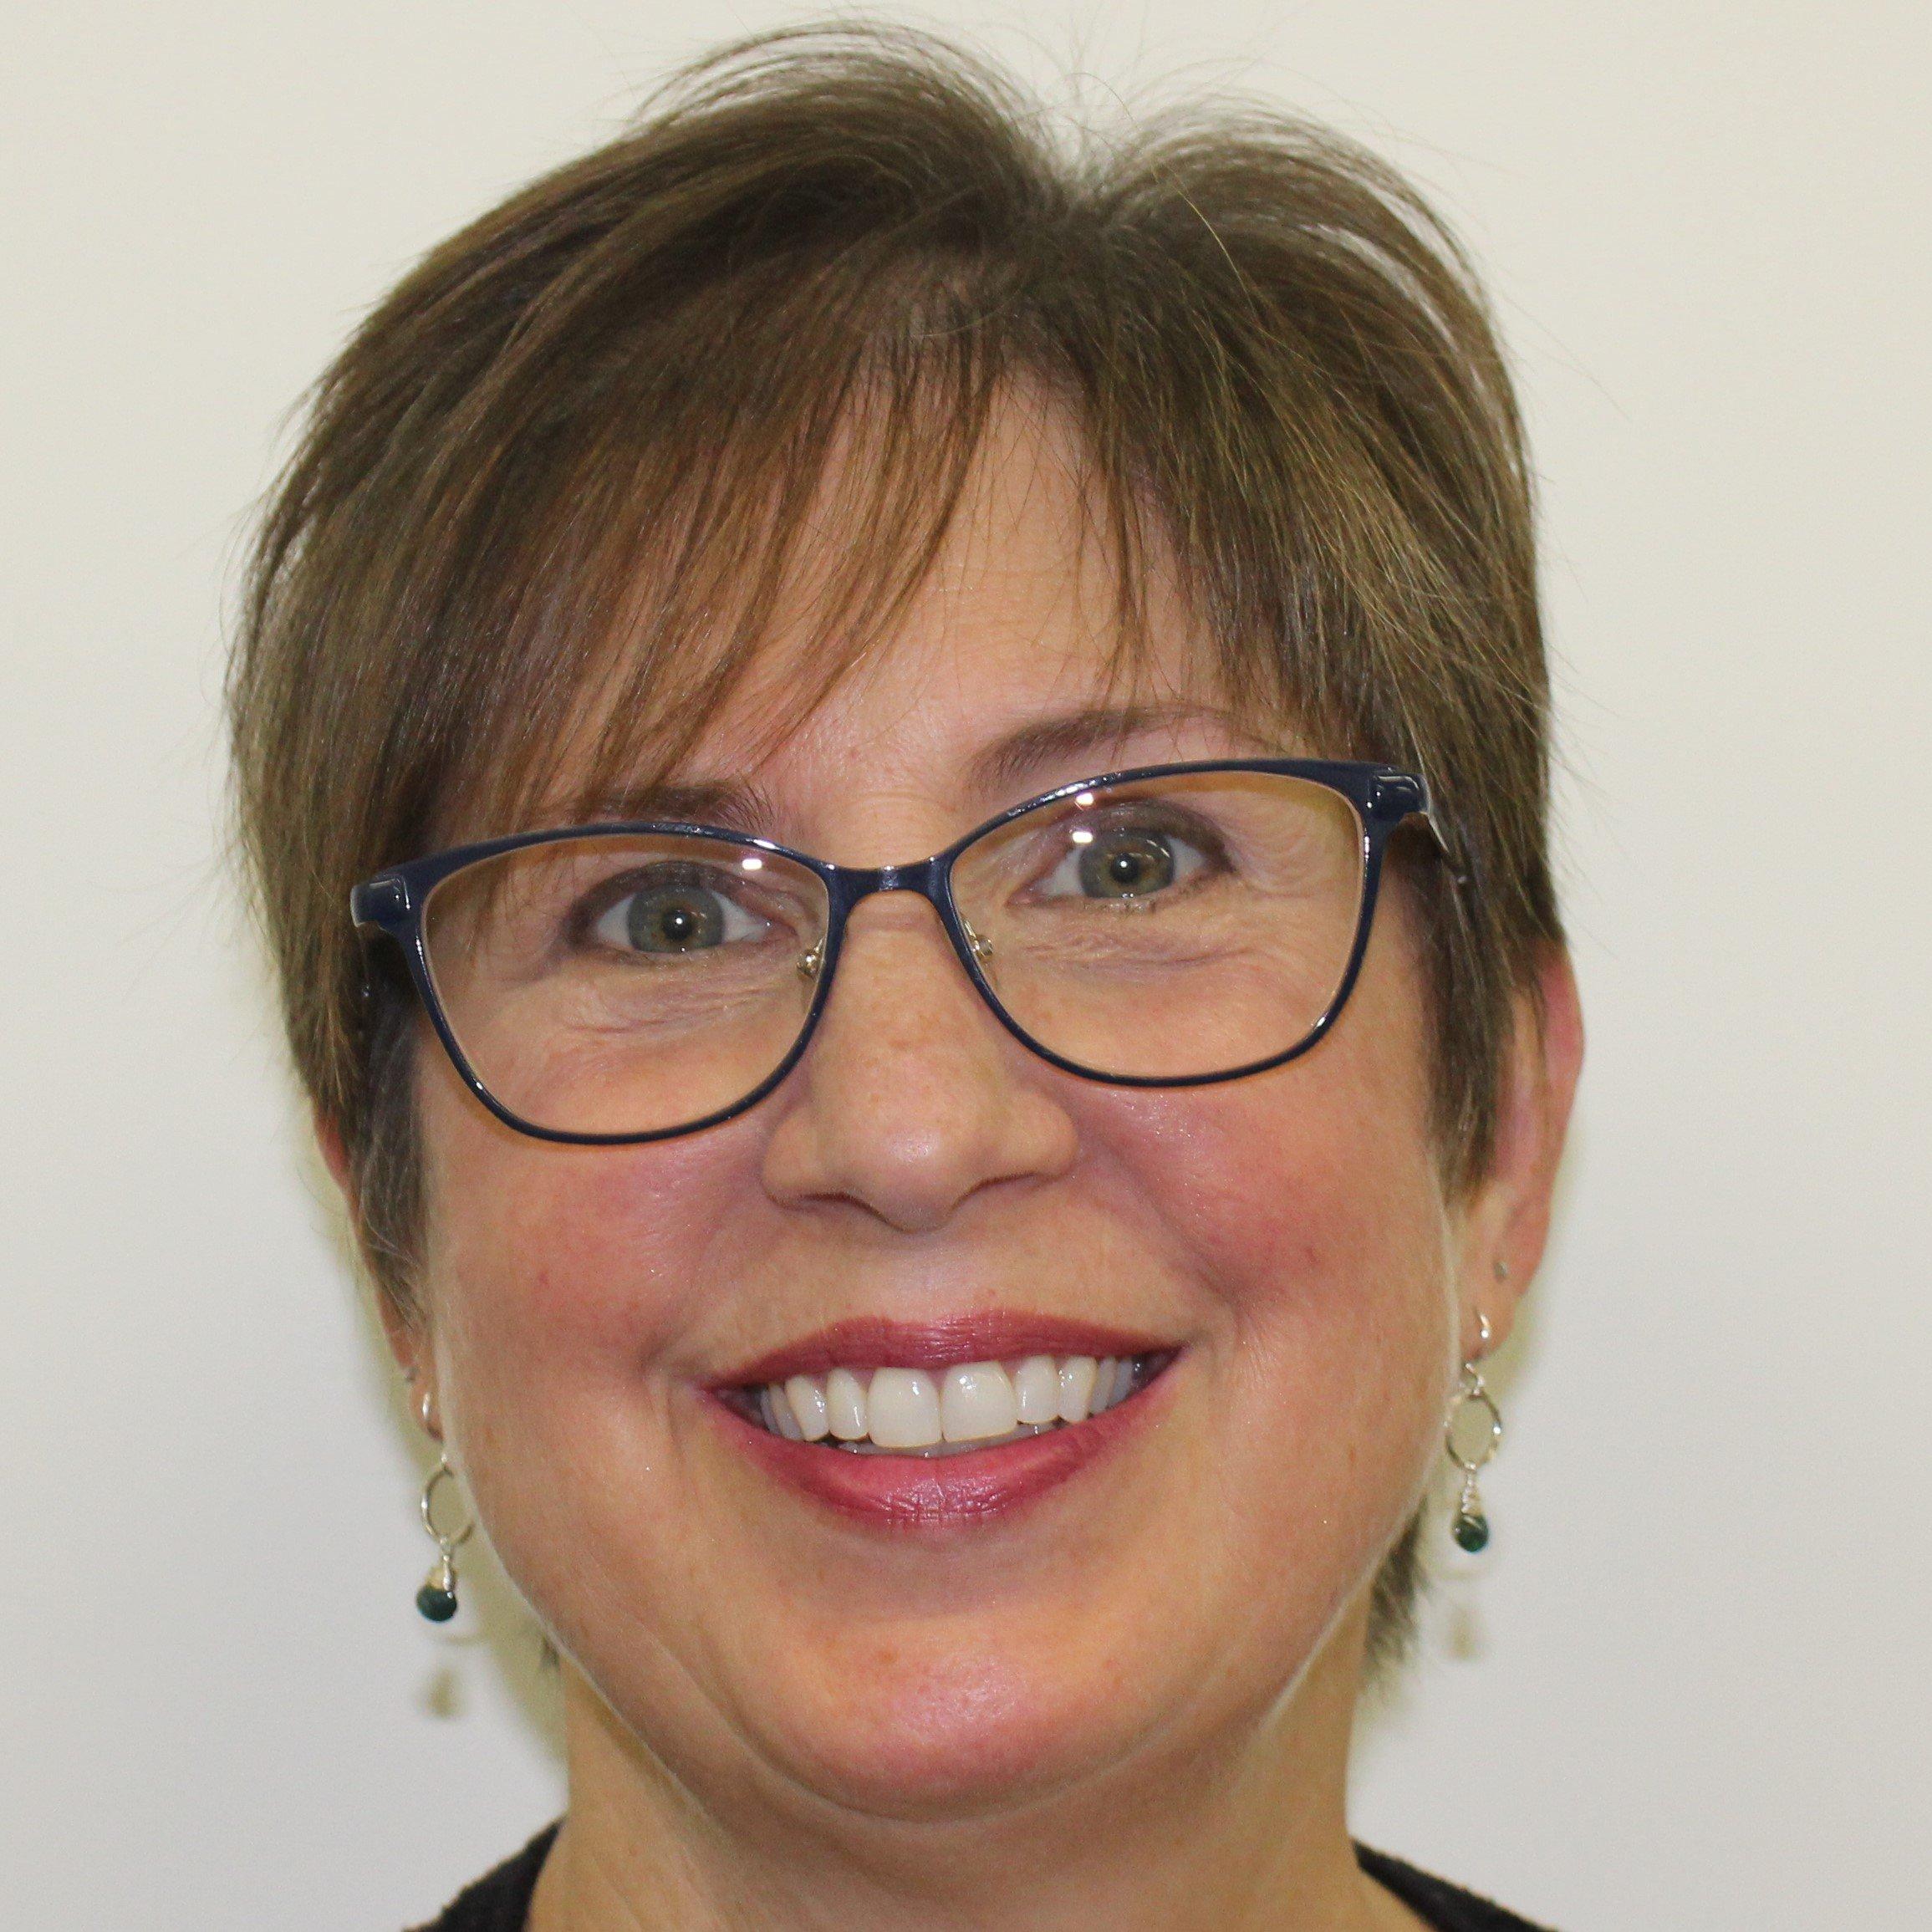 Kathy Pawloski